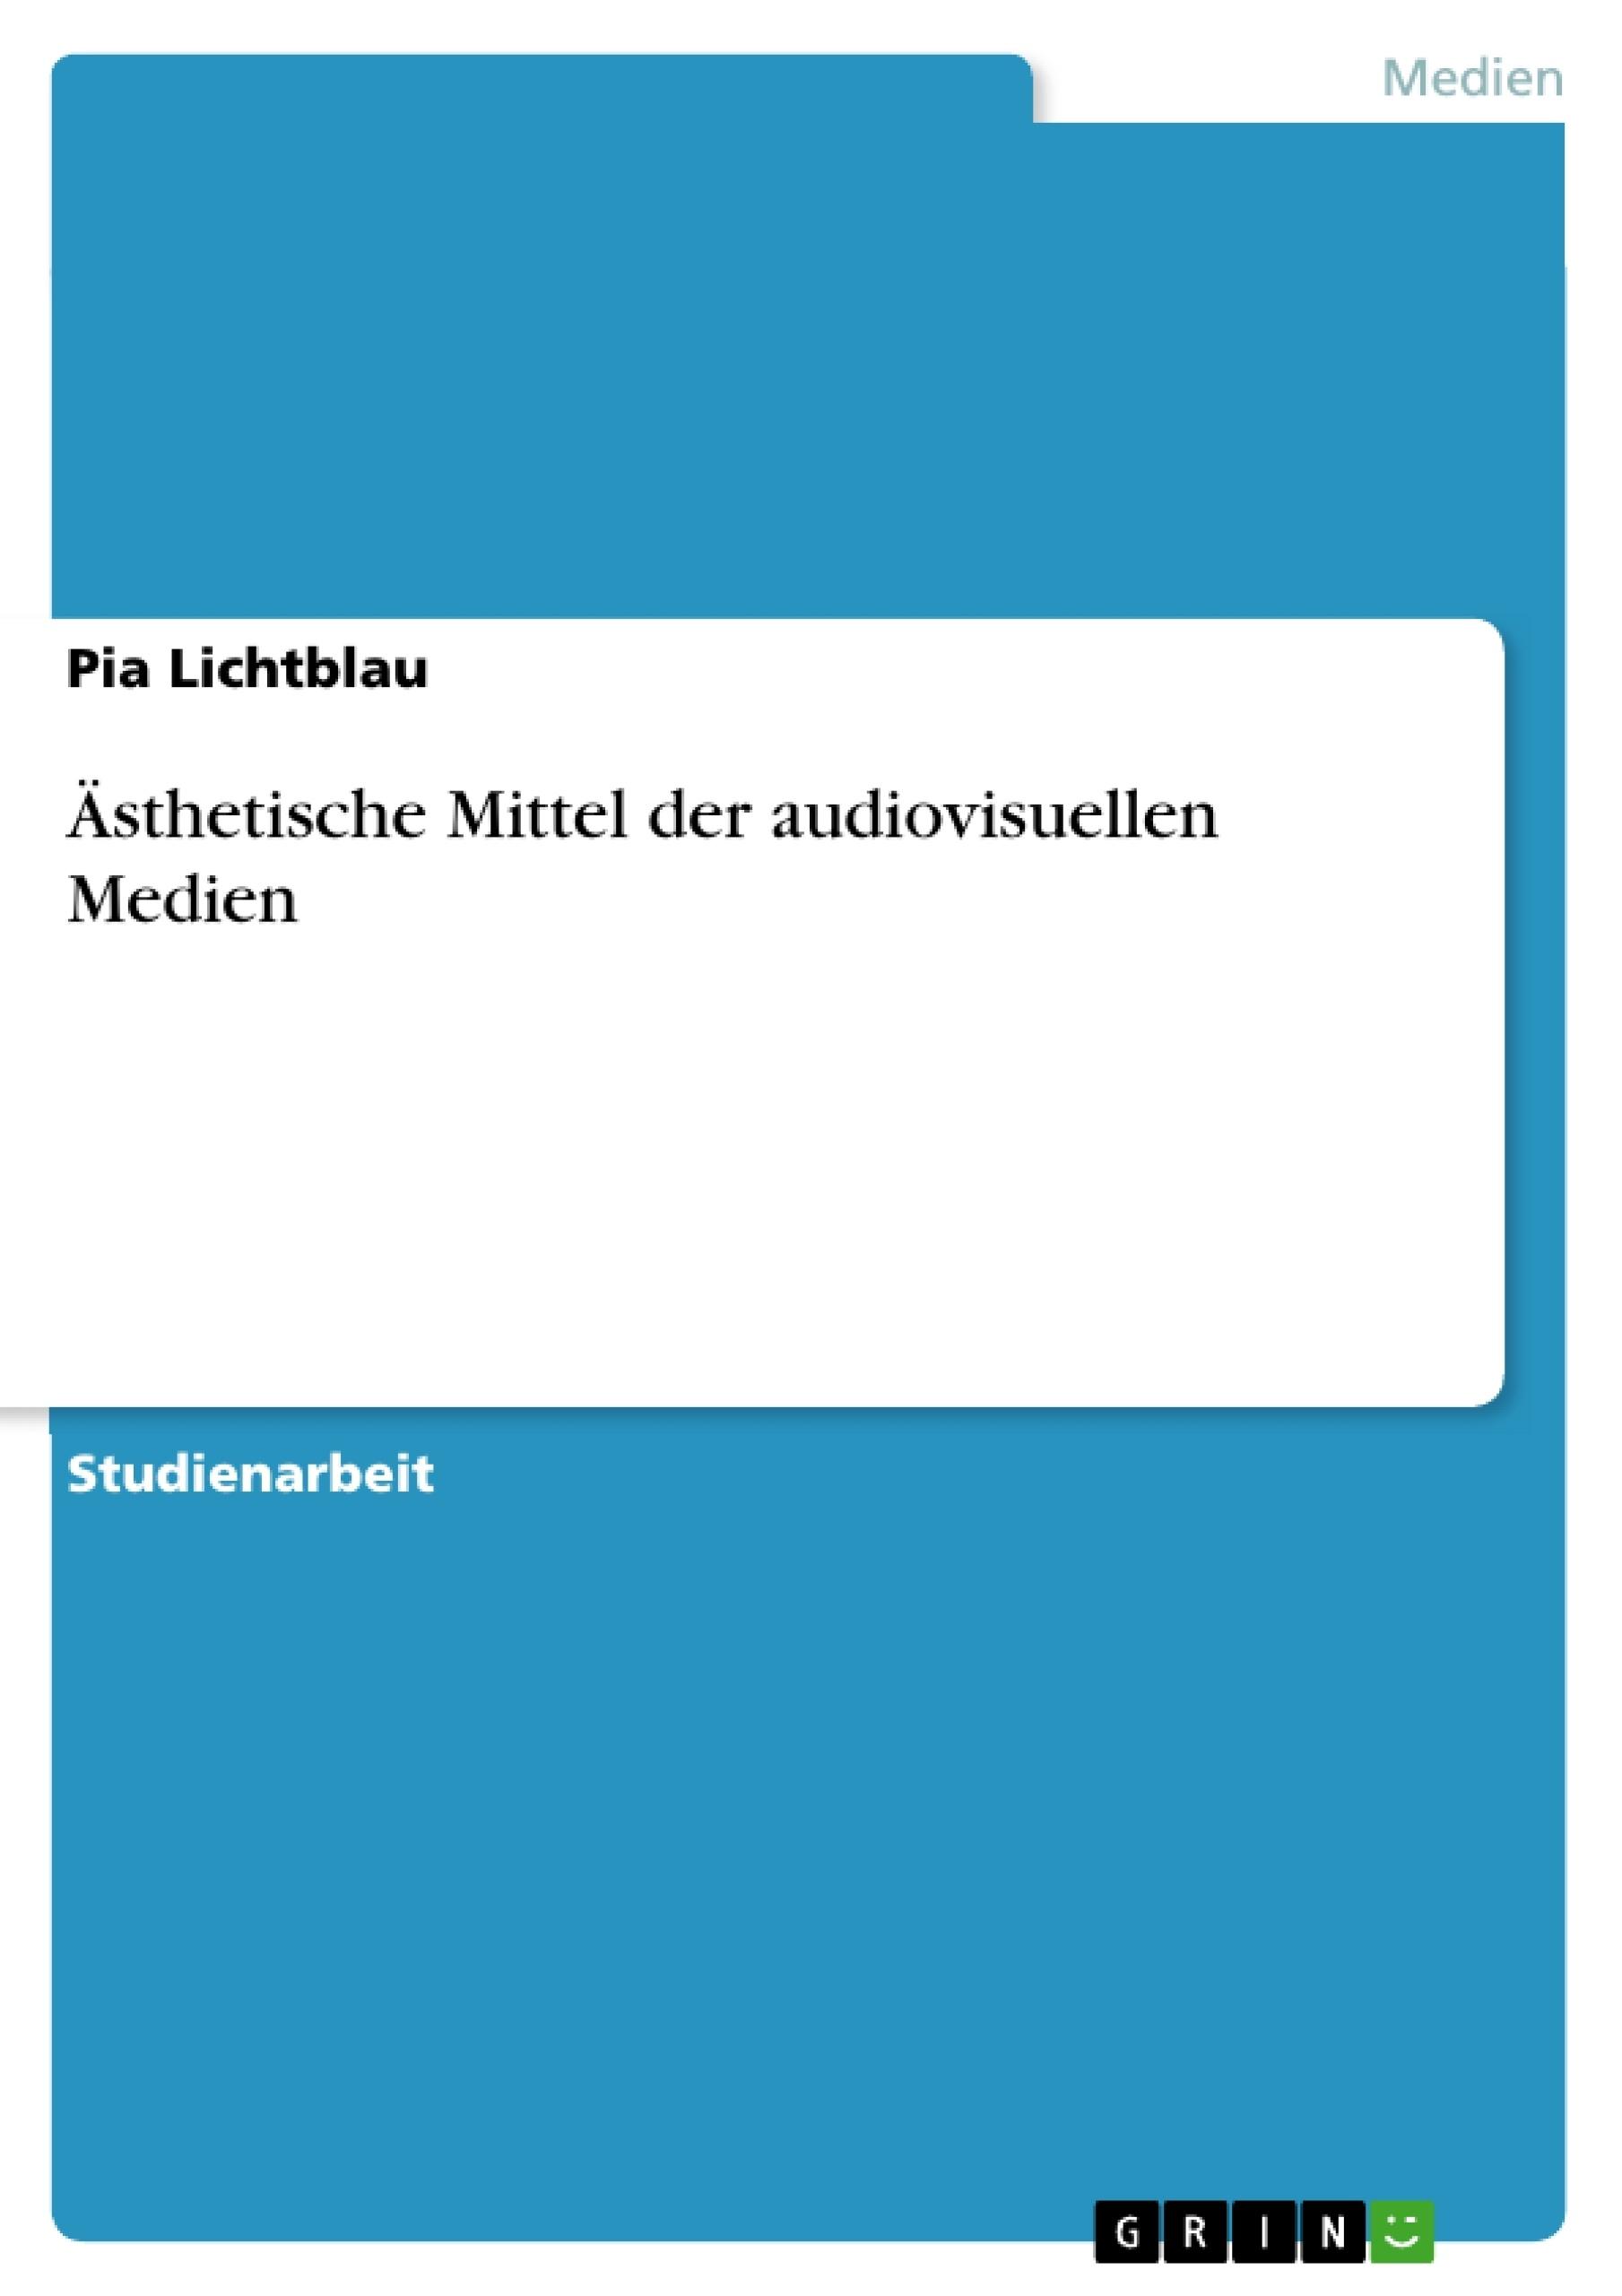 Titel: Ästhetische Mittel der audiovisuellen Medien